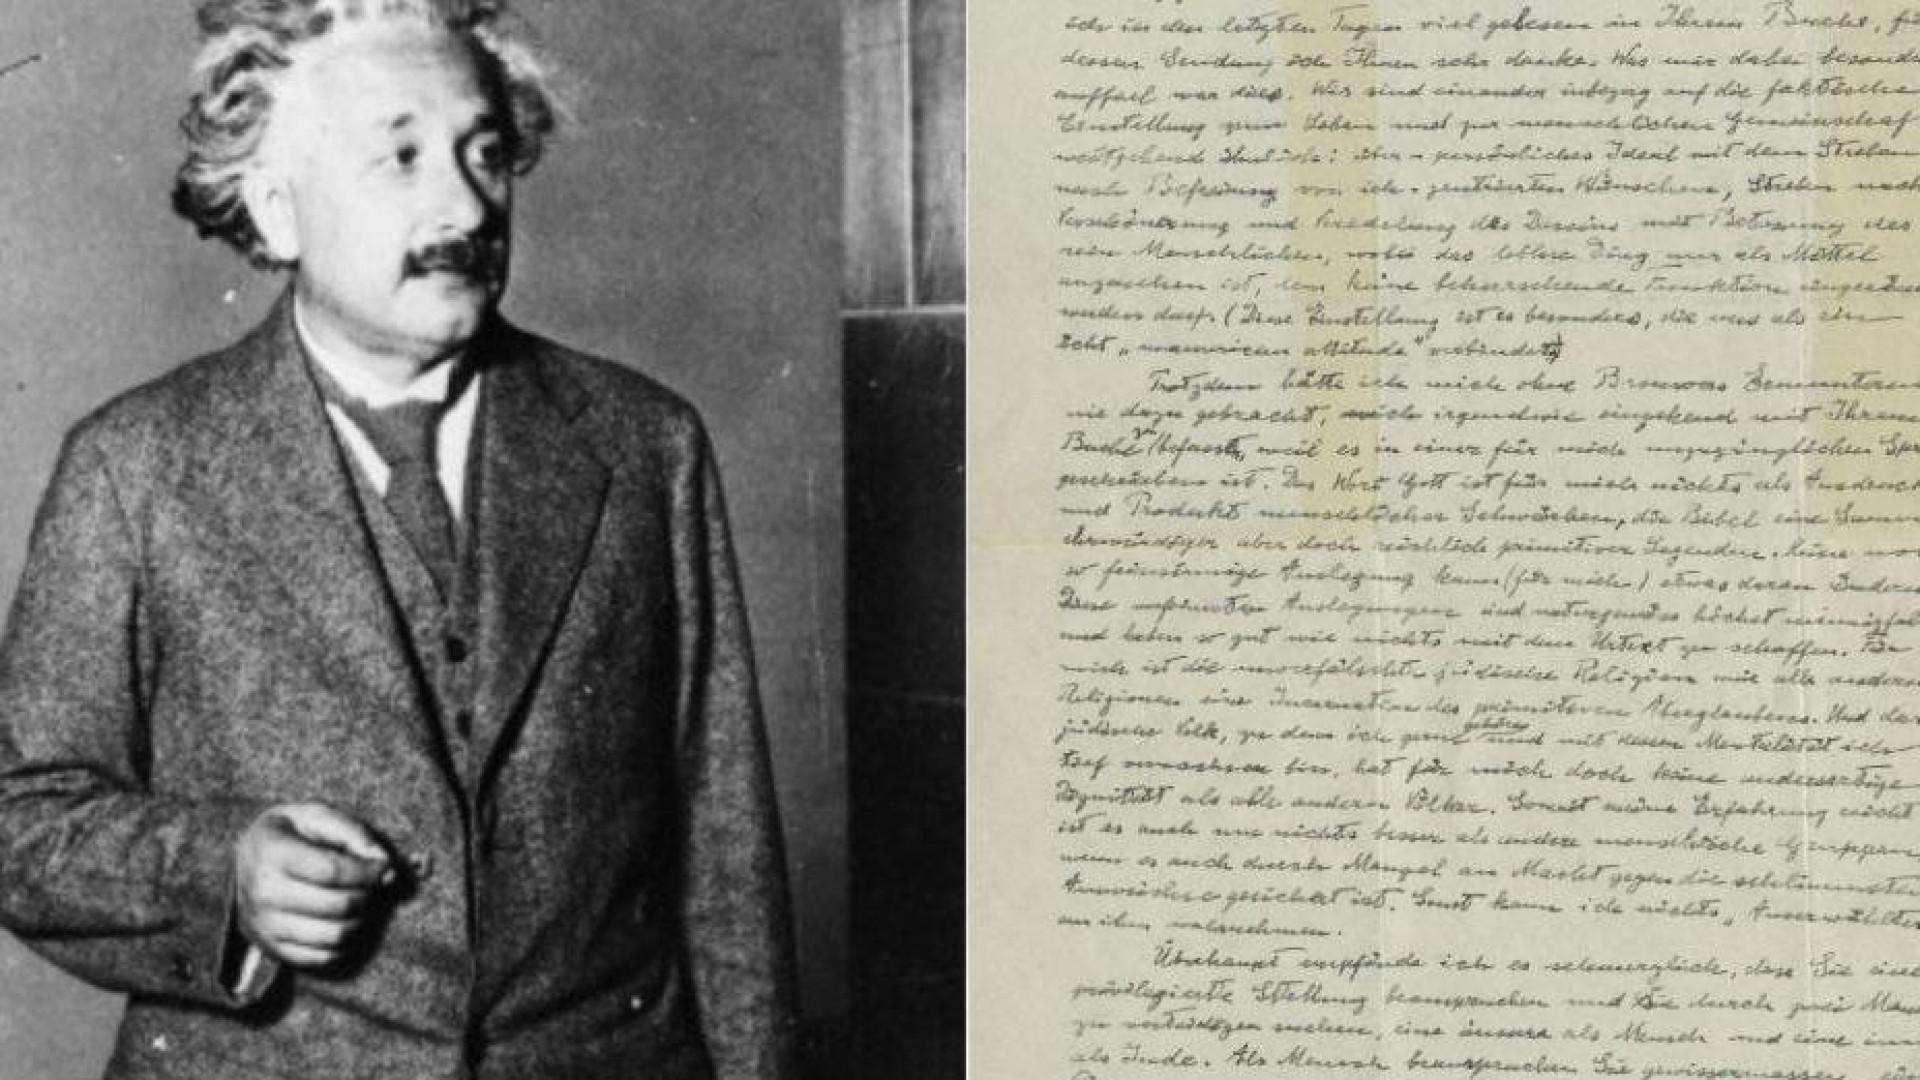 Carta inédita revela receios de Einstein antes de nazis chegarem ao poder